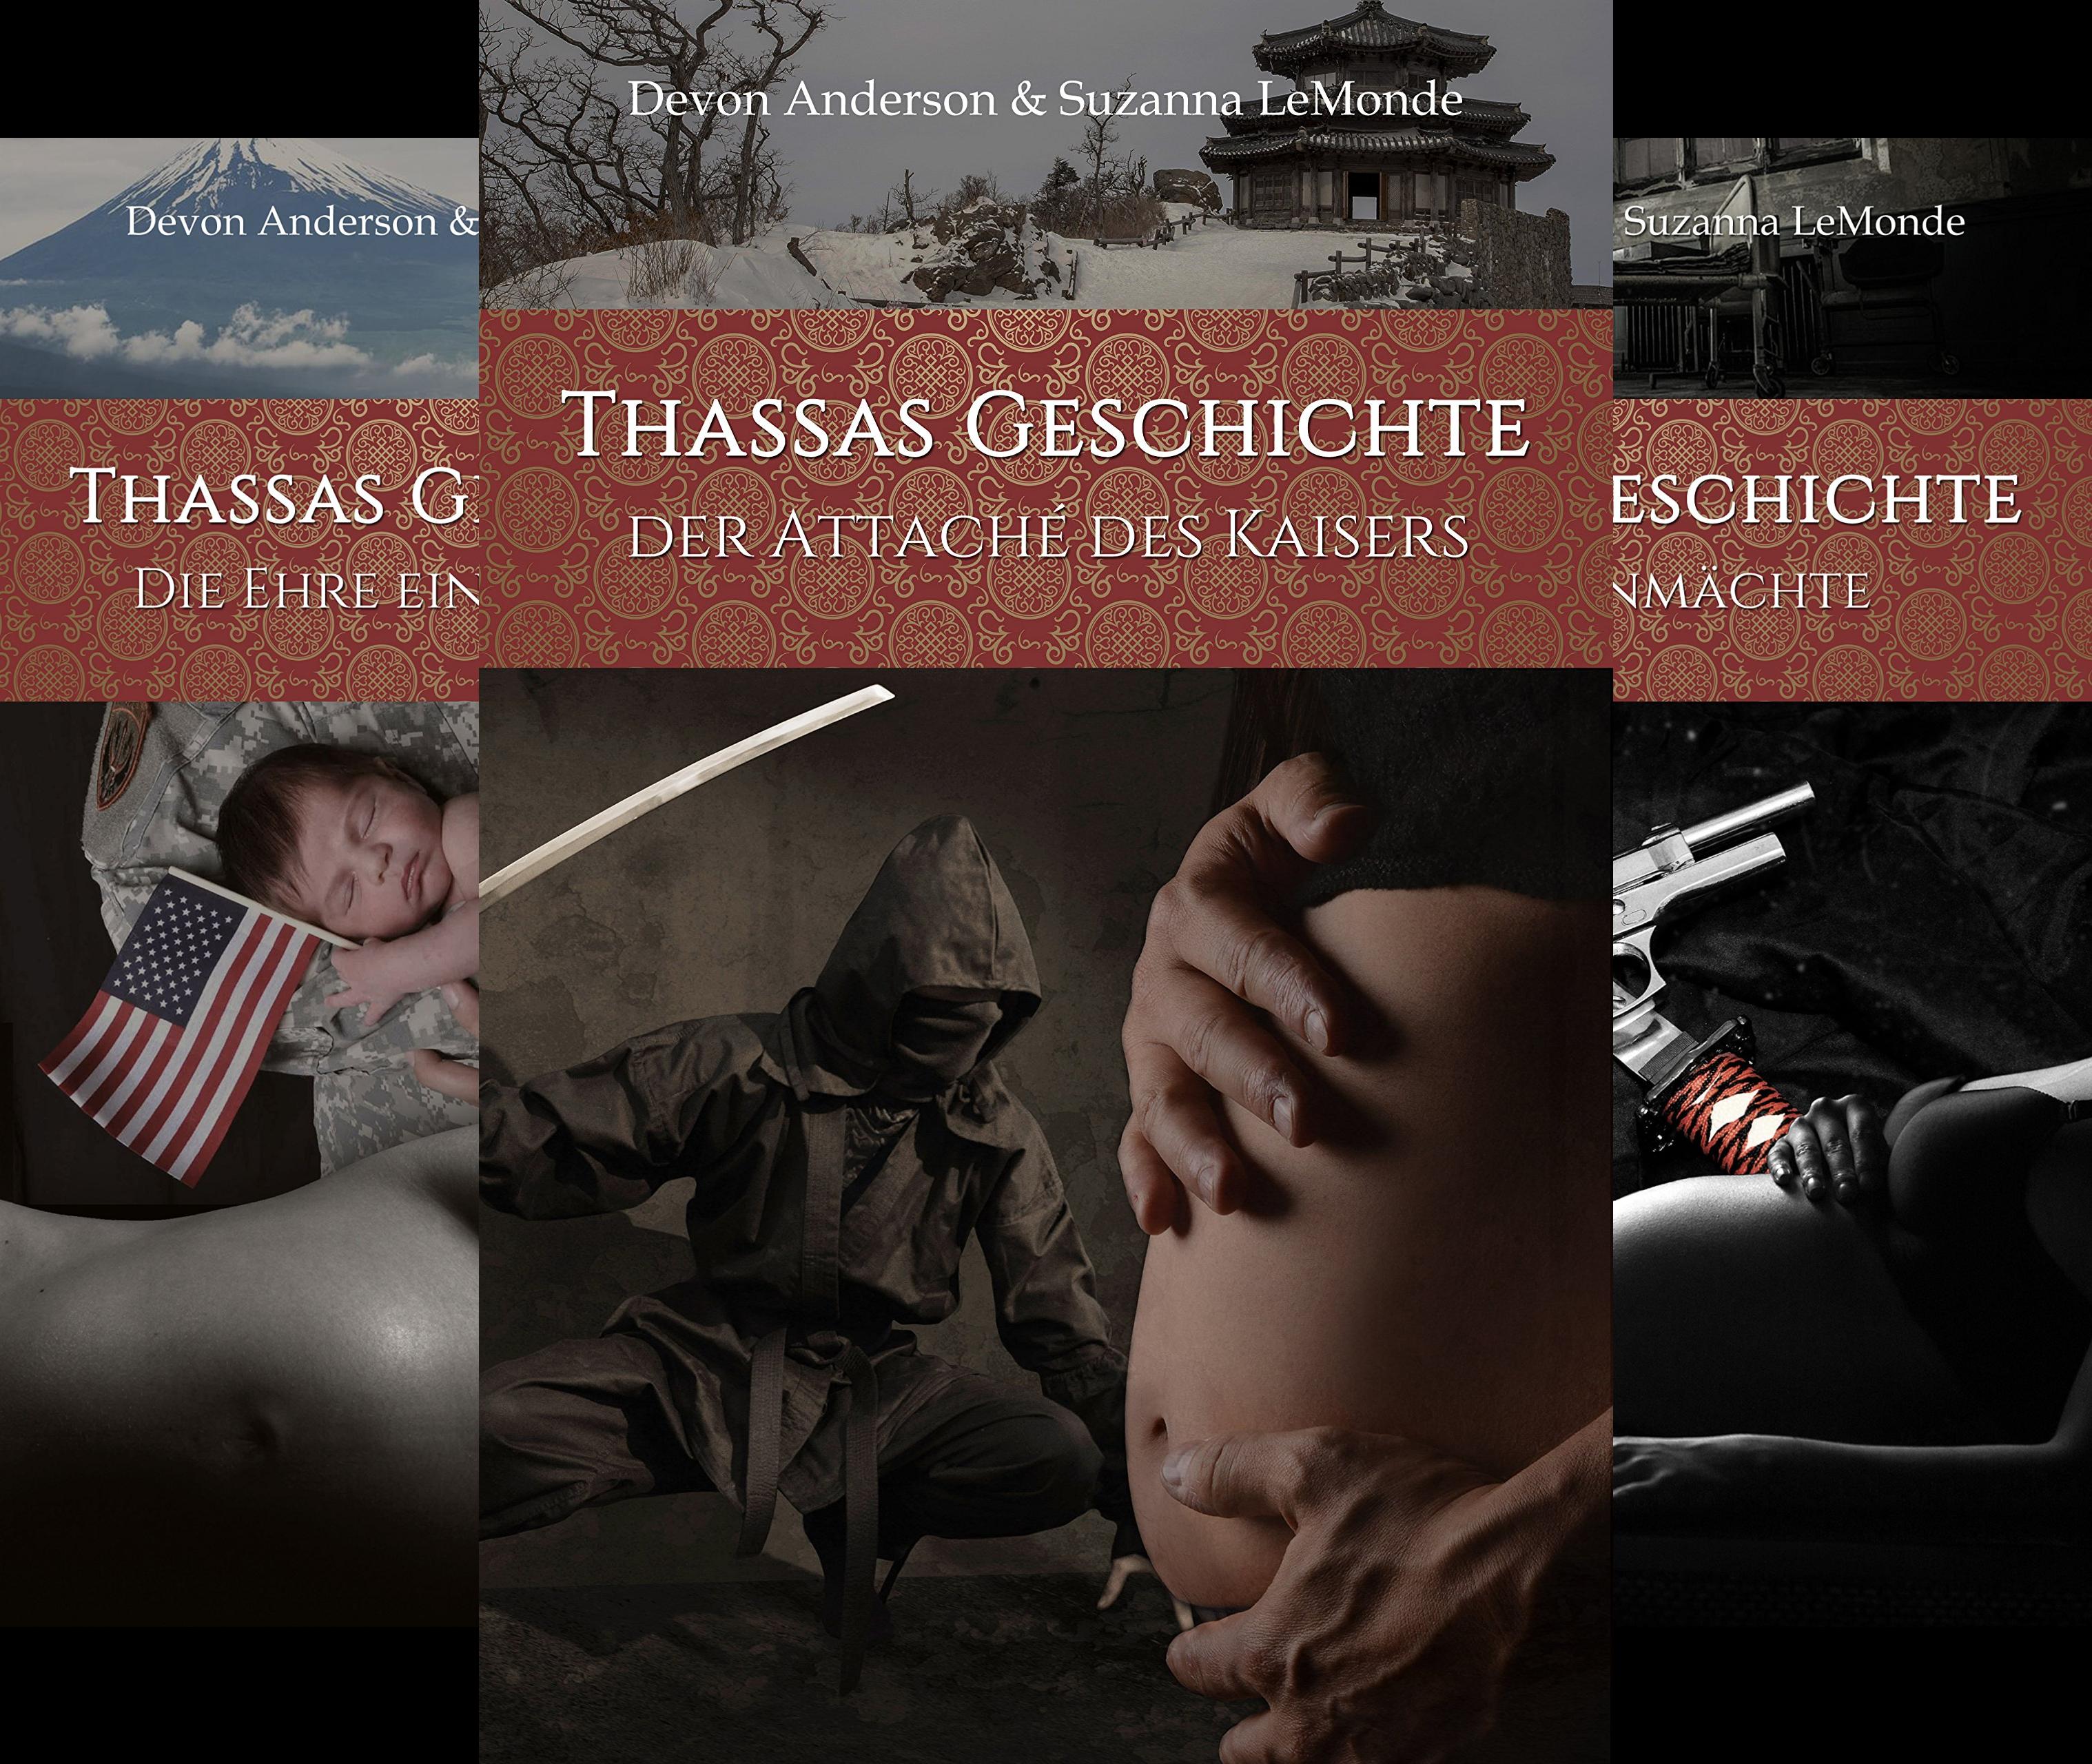 Thassas Geschichte (Reihe in 3 Bänden)